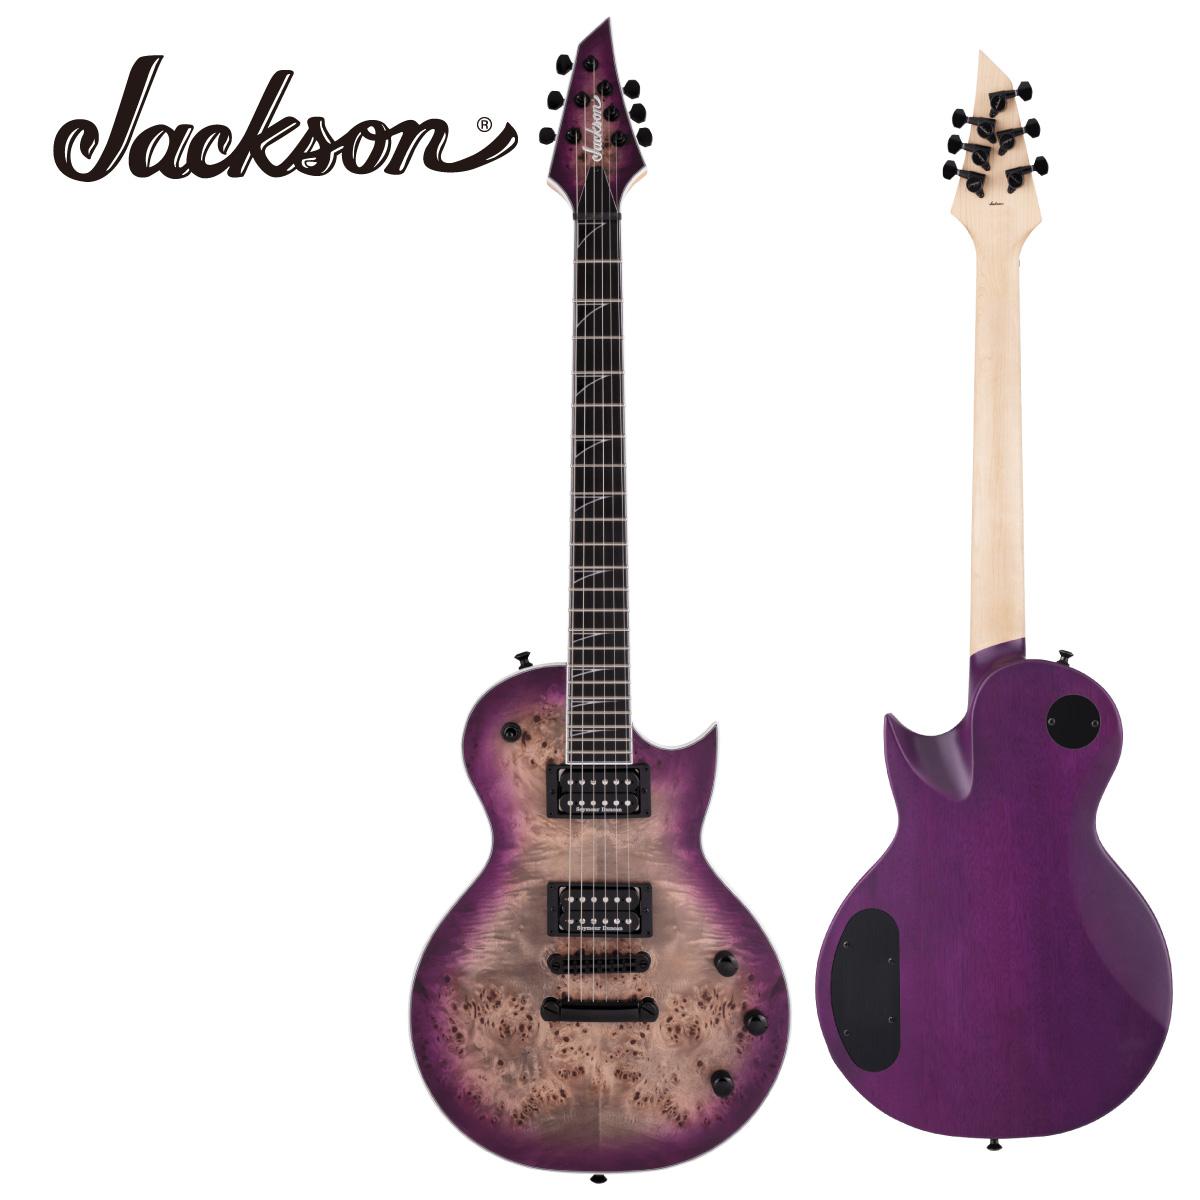 超激安 次回入荷分 予約受付中 Jackson Pro Series Monarkh SCP -Transparent Purple Guitar 新作販売 Electric 新品 Burst- 紫 パープル ジャクソン エレキギター